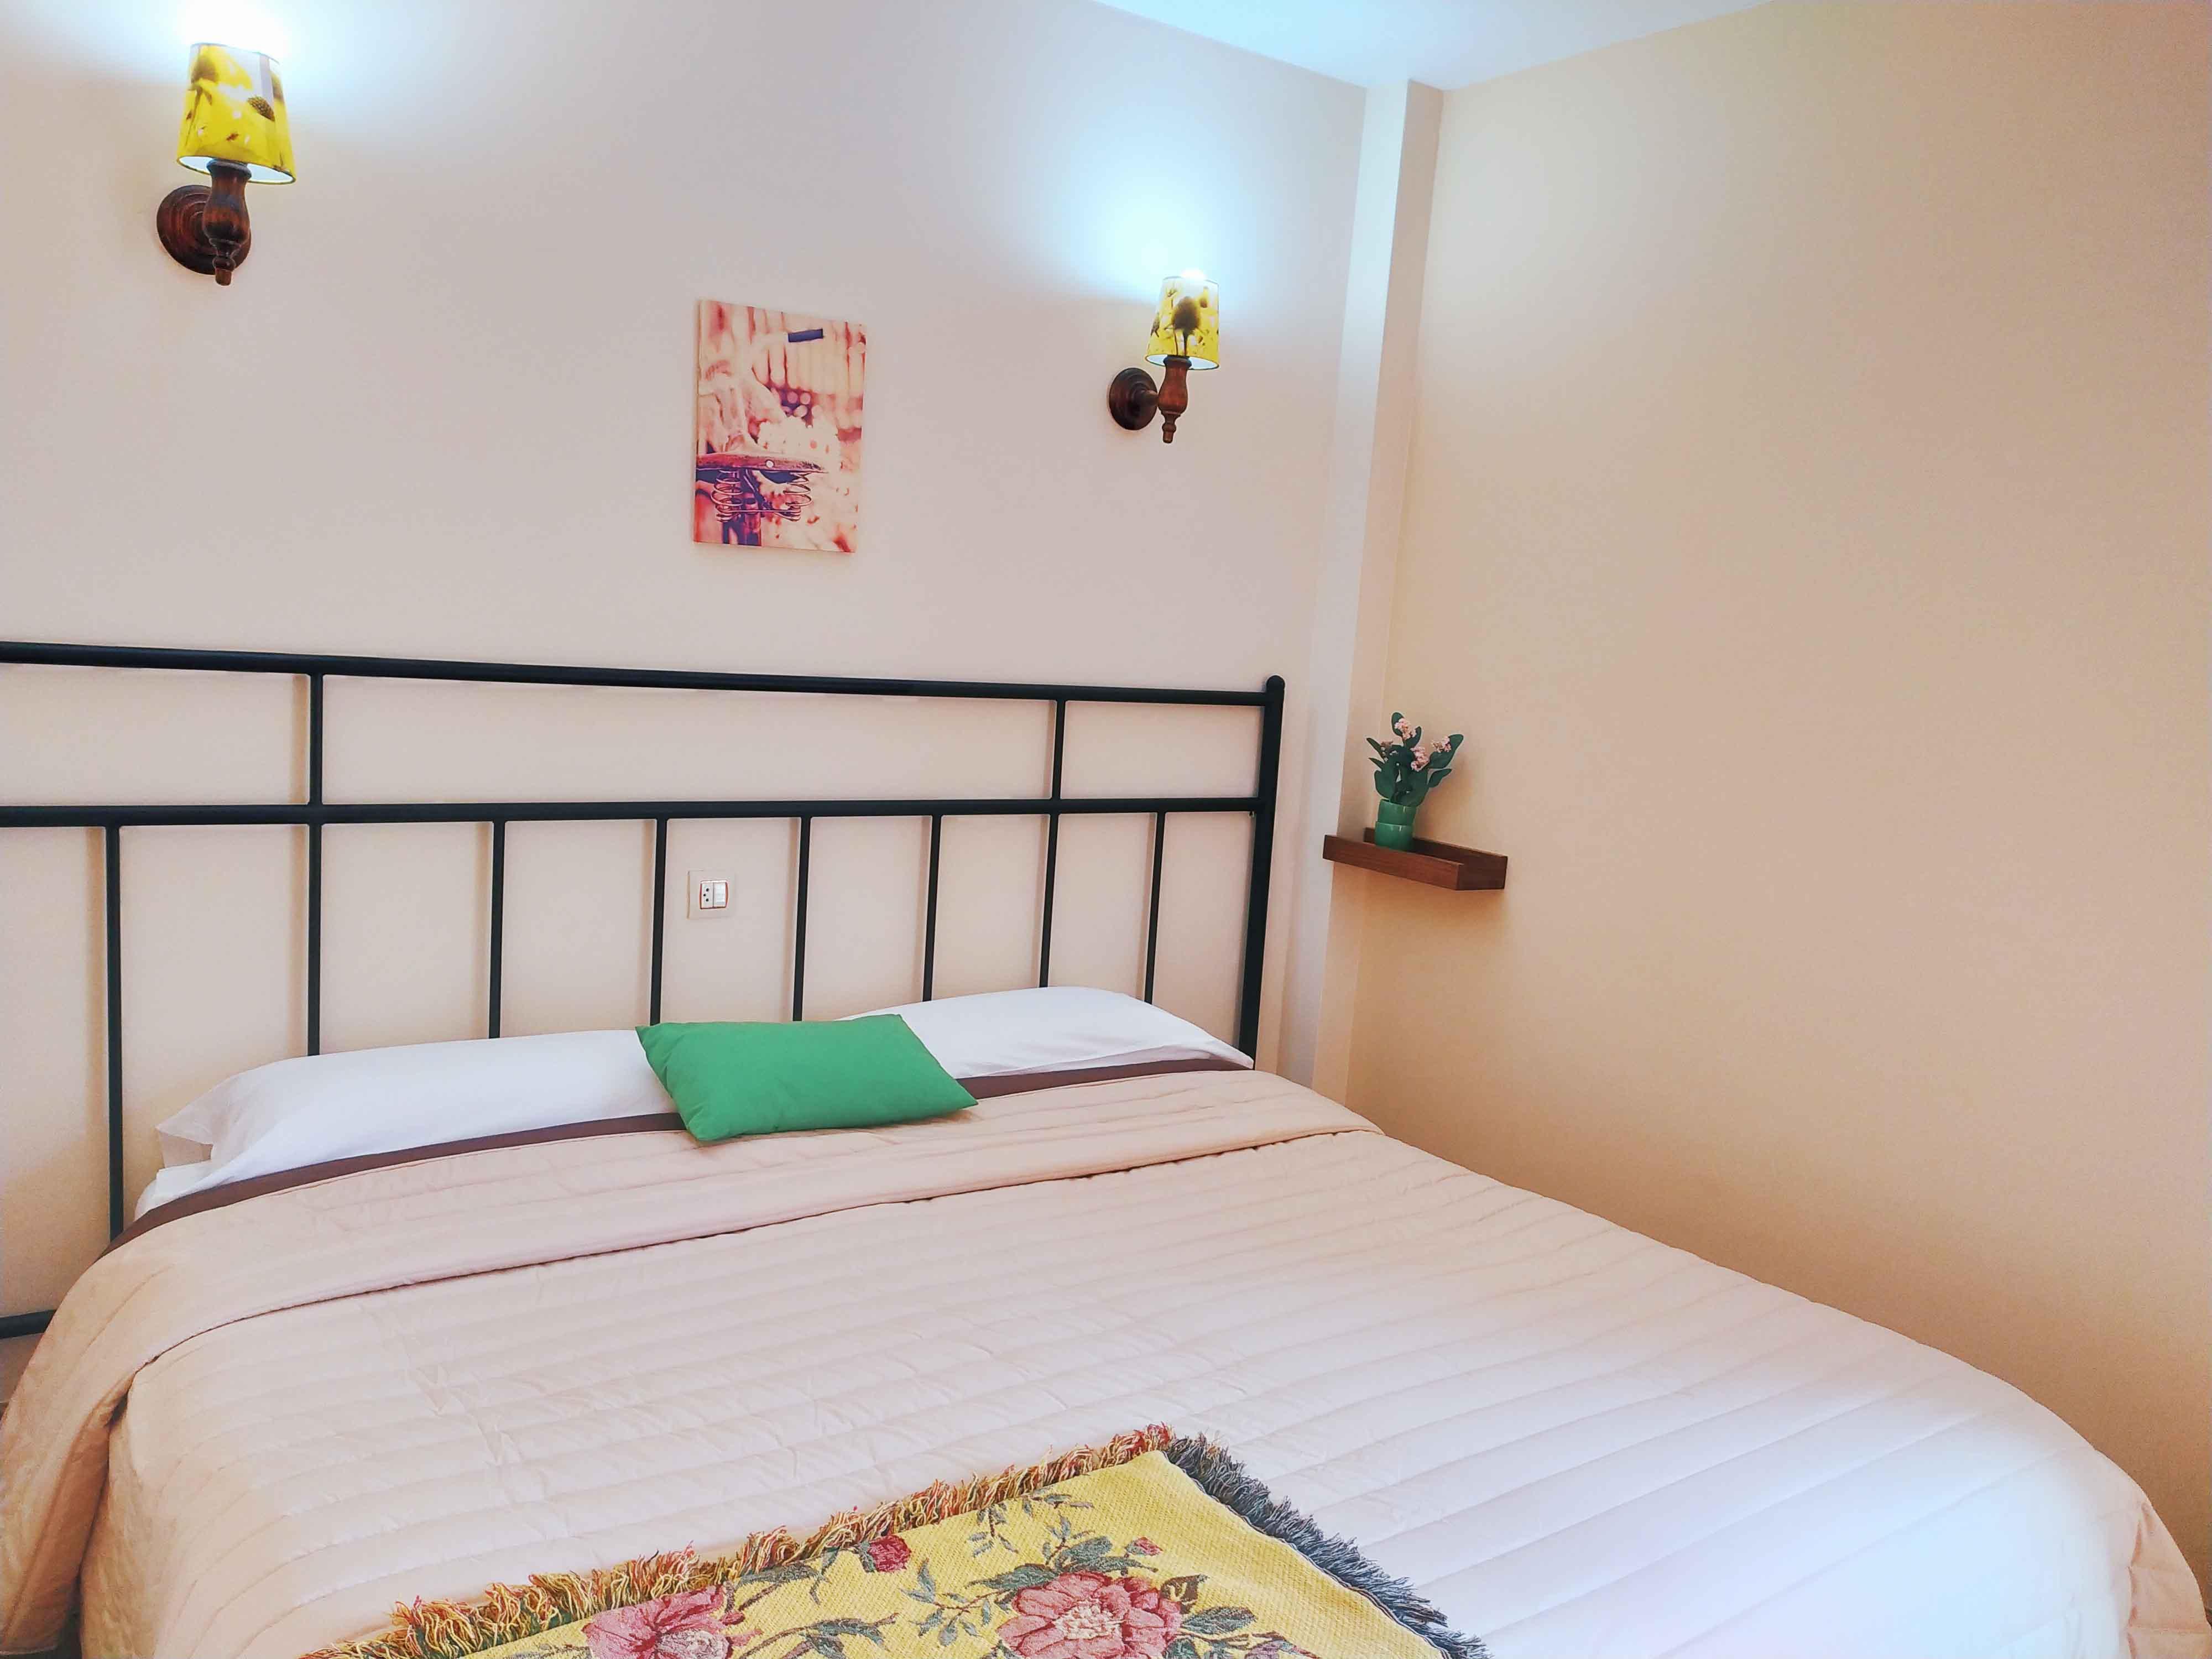 Apartamento 4 opción camas juntas